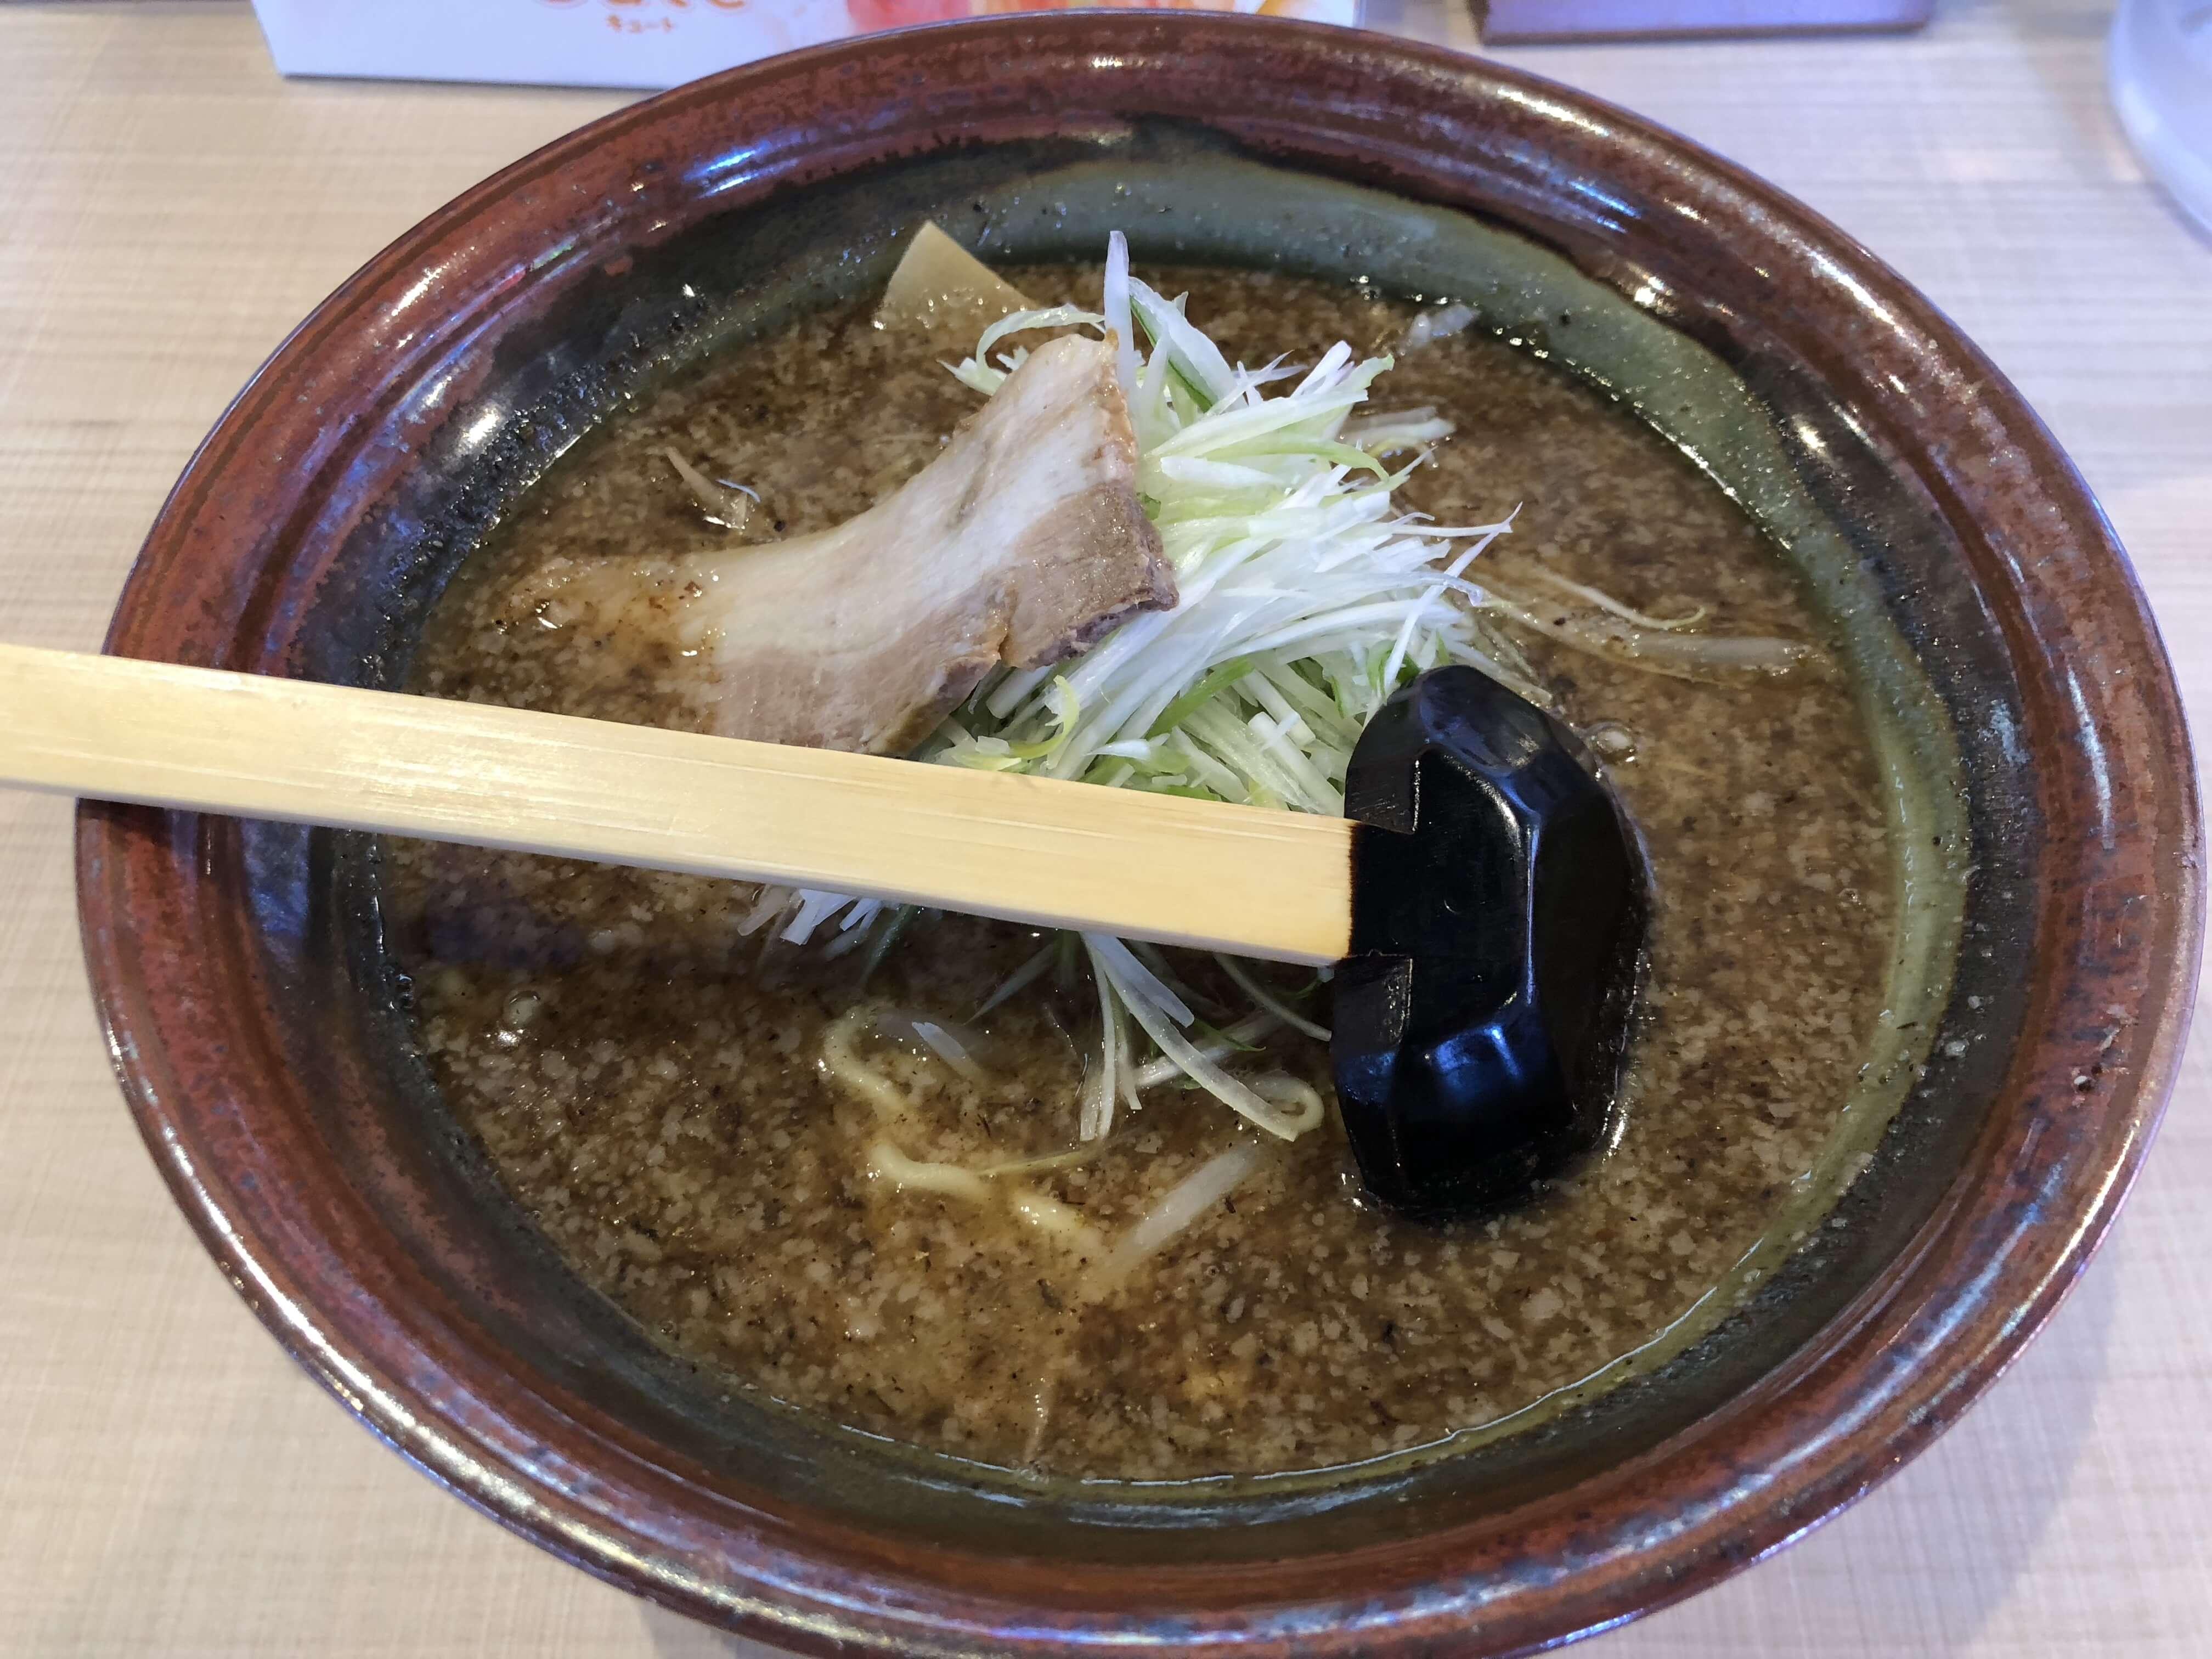 「 自家製麺 らーめん むてっぽう 」とにかく濃い!金沢初出店の超濃厚魚介スープに衝撃!ご飯なしではアキマヘン